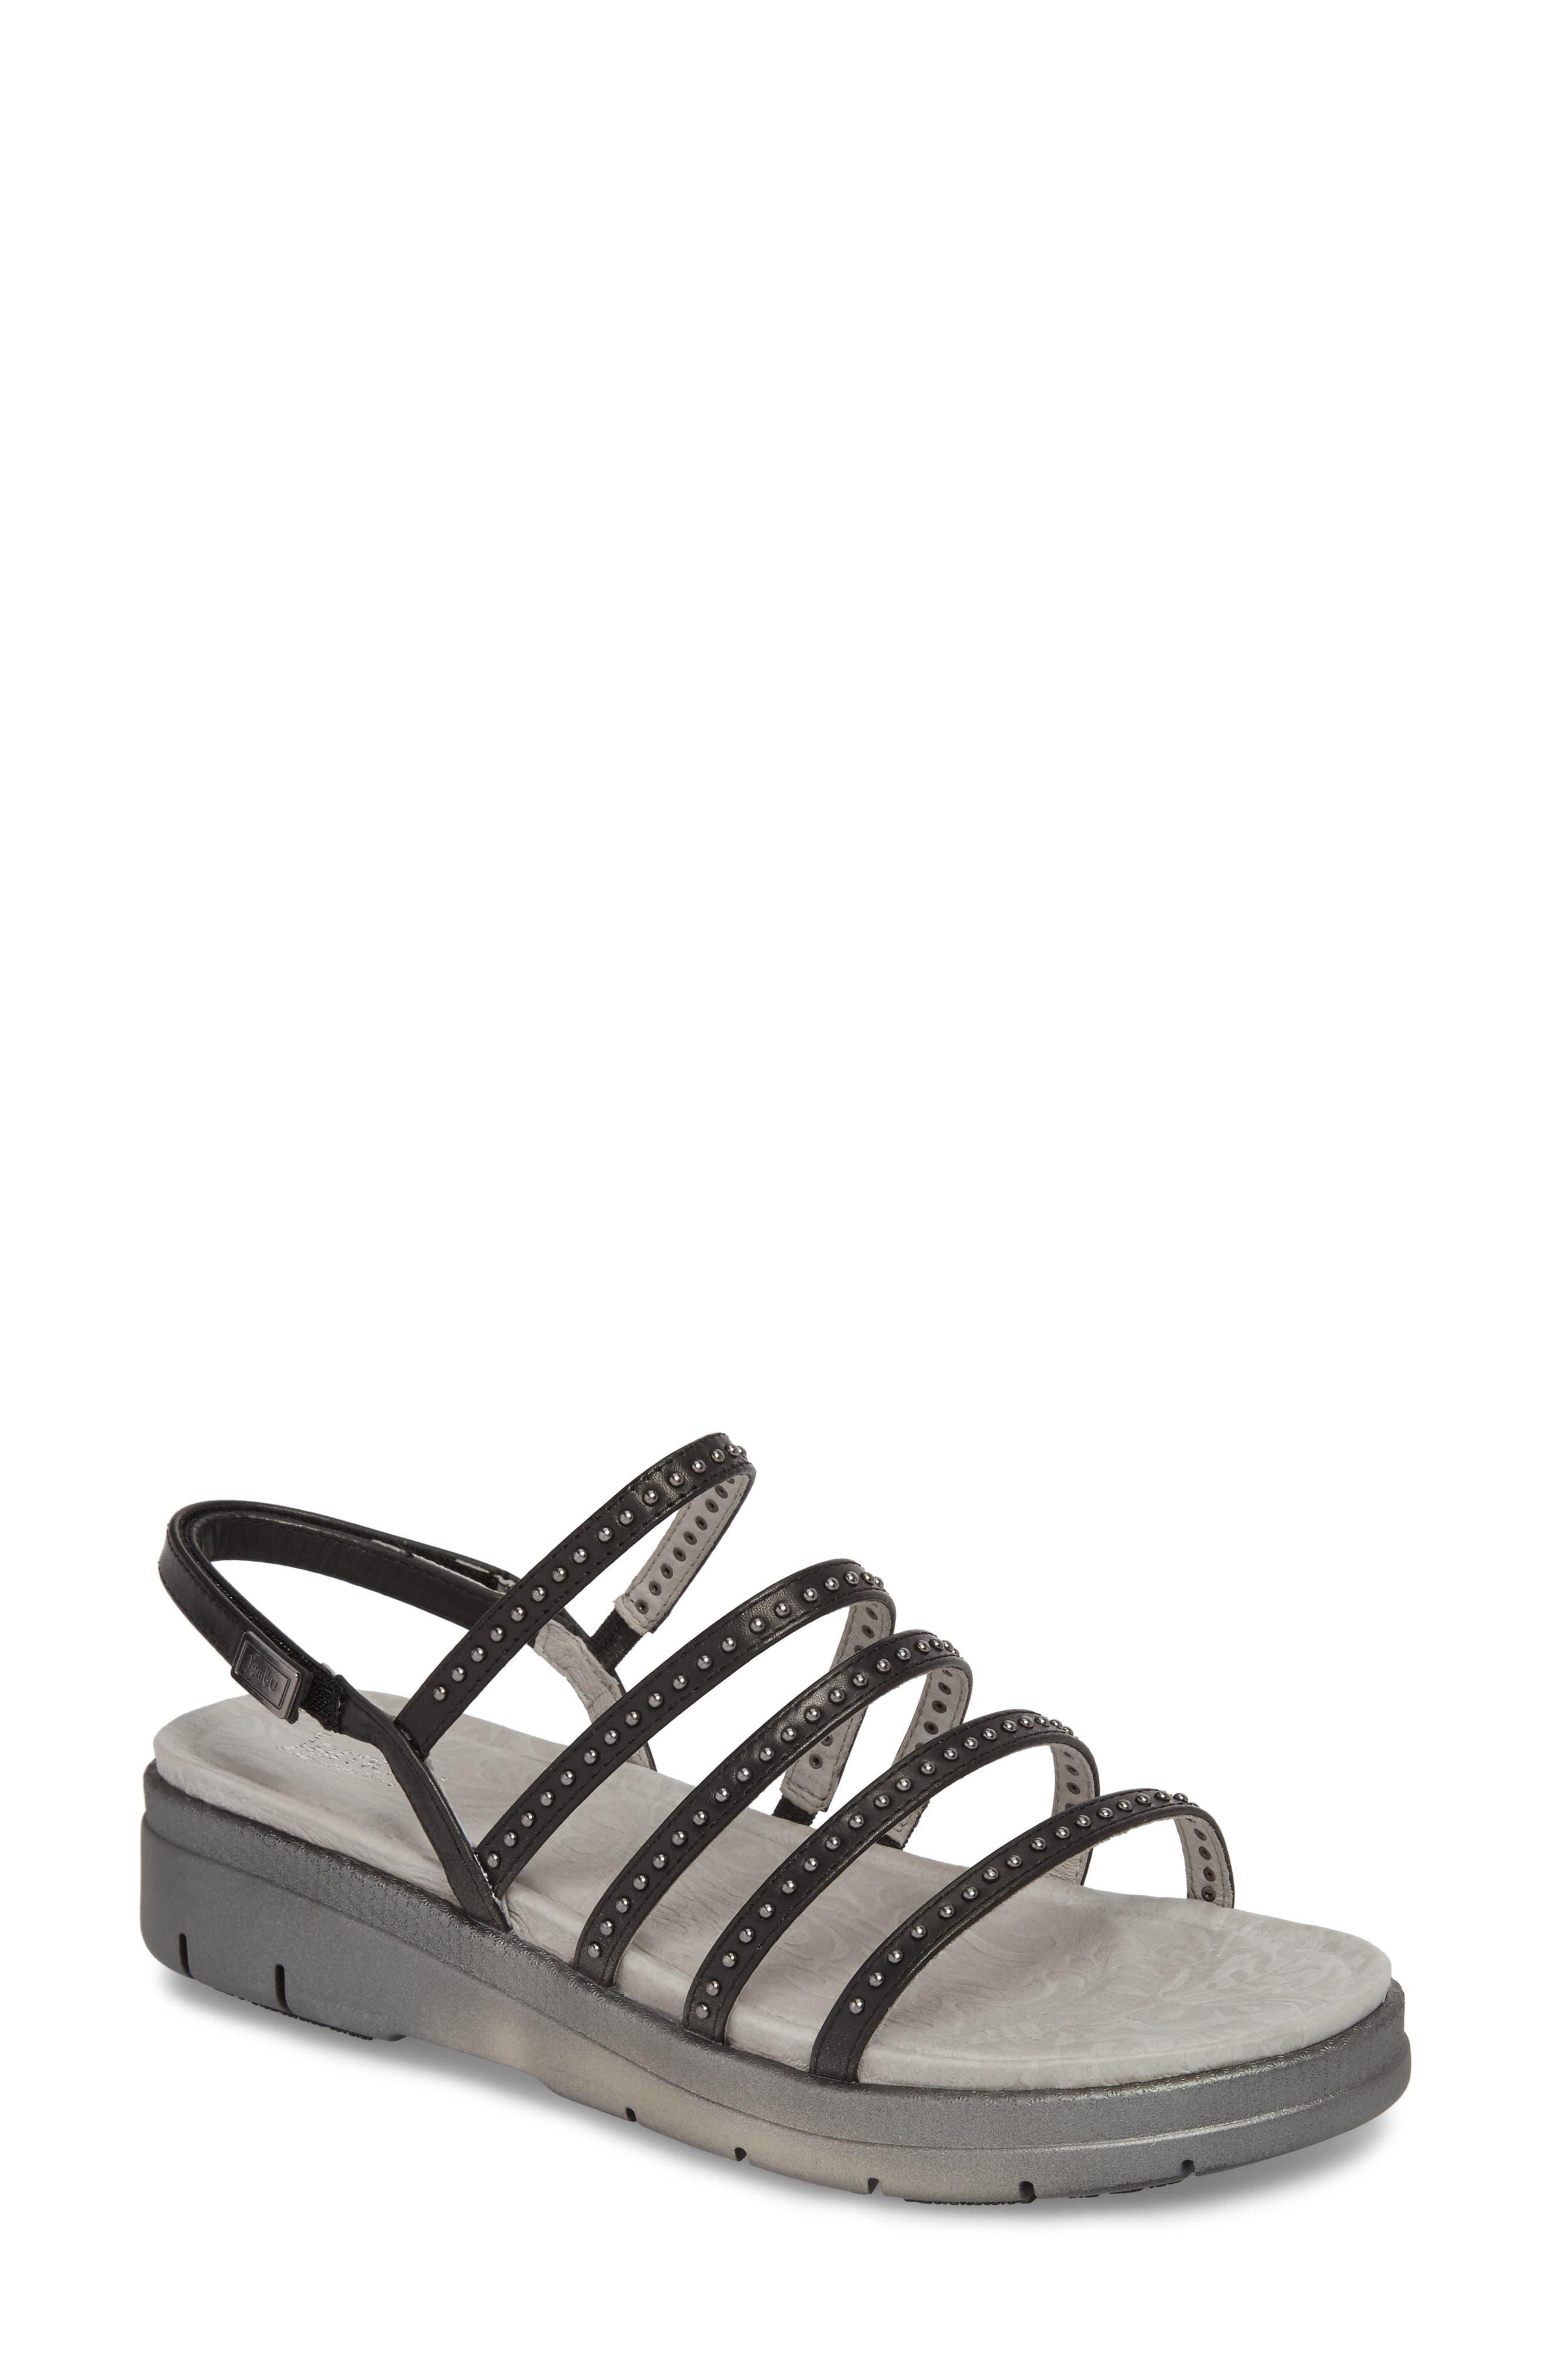 Elegance Studded Strappy Sandal,                         Main,                         color, BLACK LEATHER